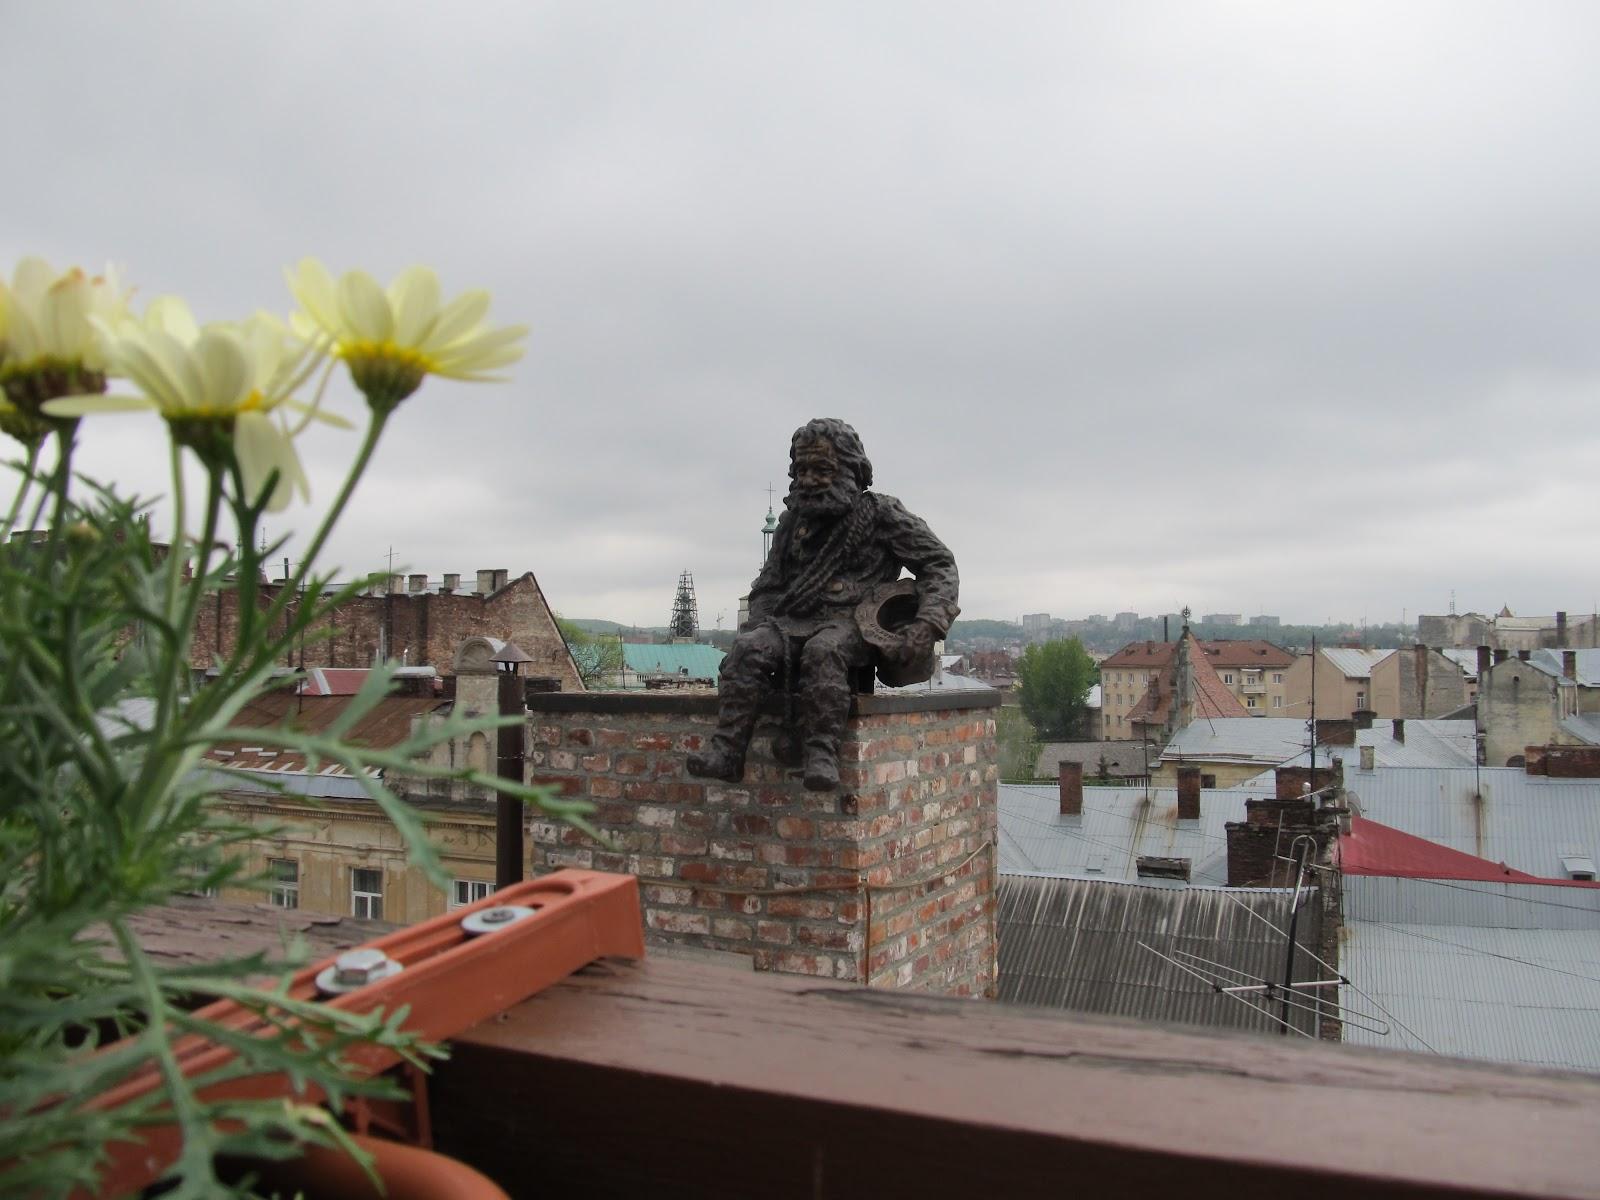 Сажотрус на даху кнайпи Дім Легенд